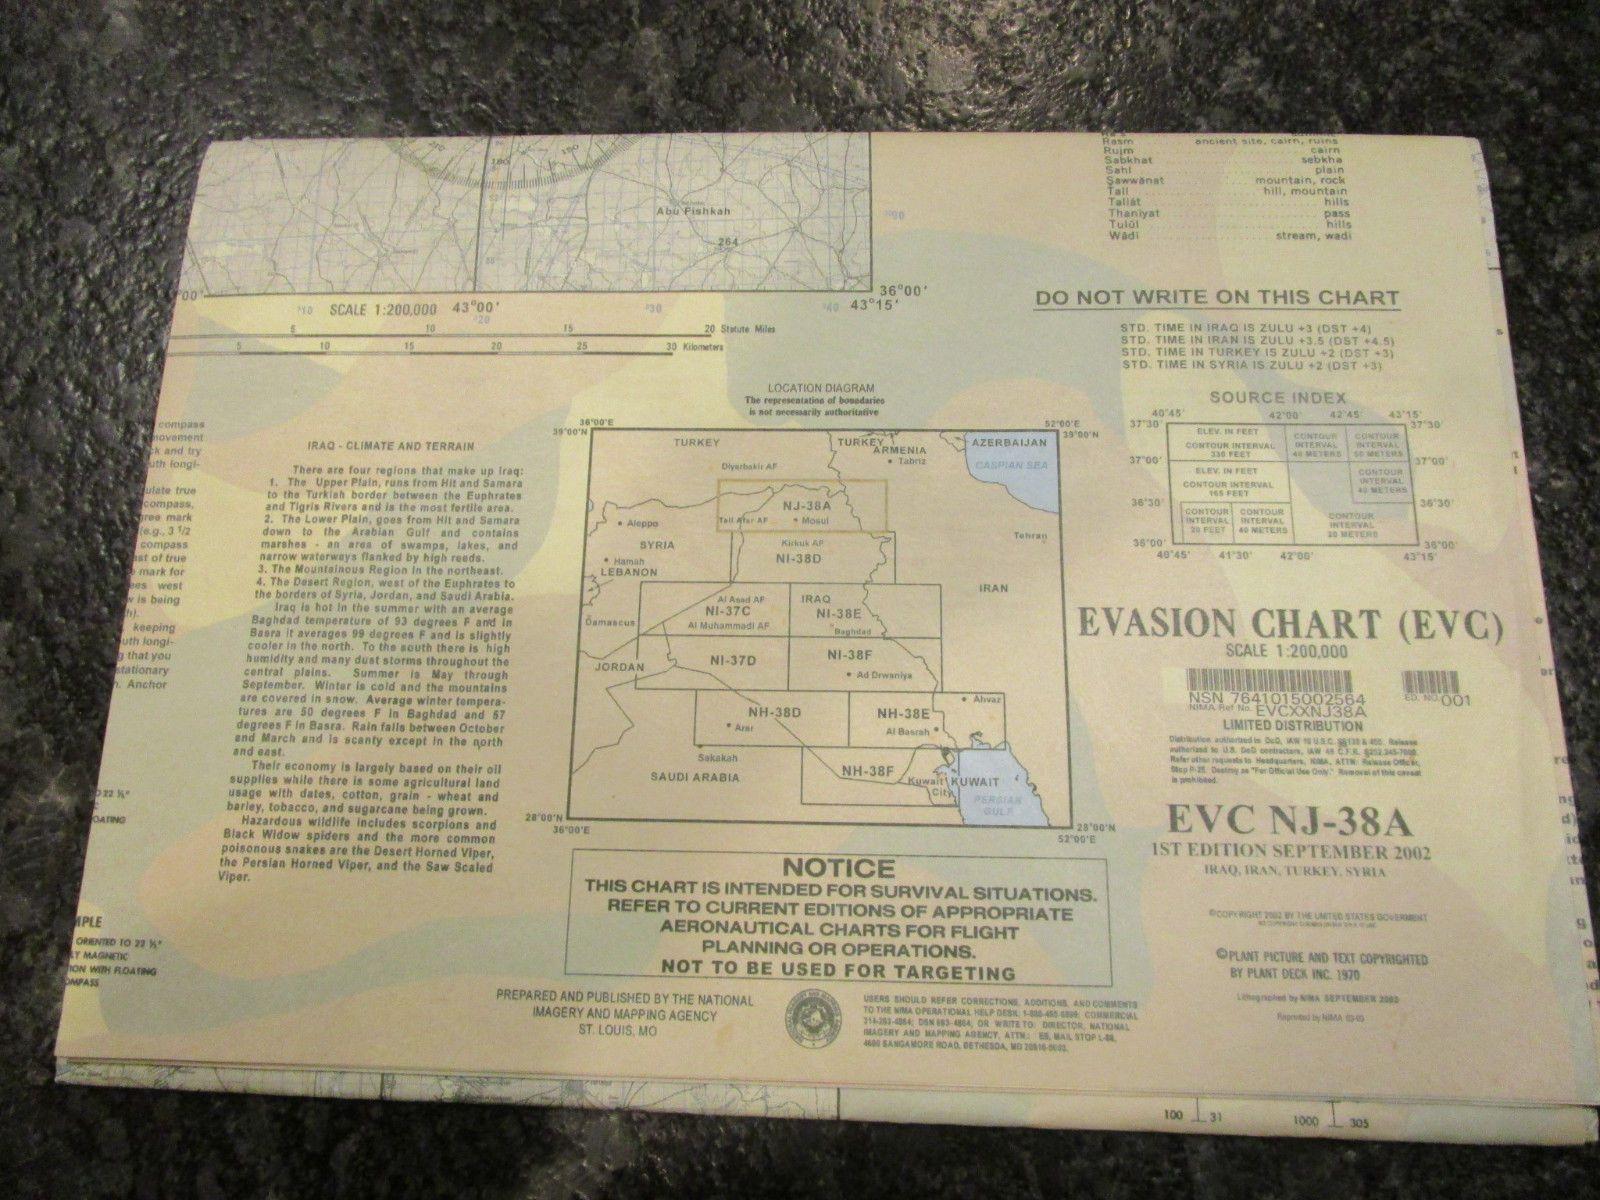 us military forces evasion chart map evc nj 38a iraq iran turkey